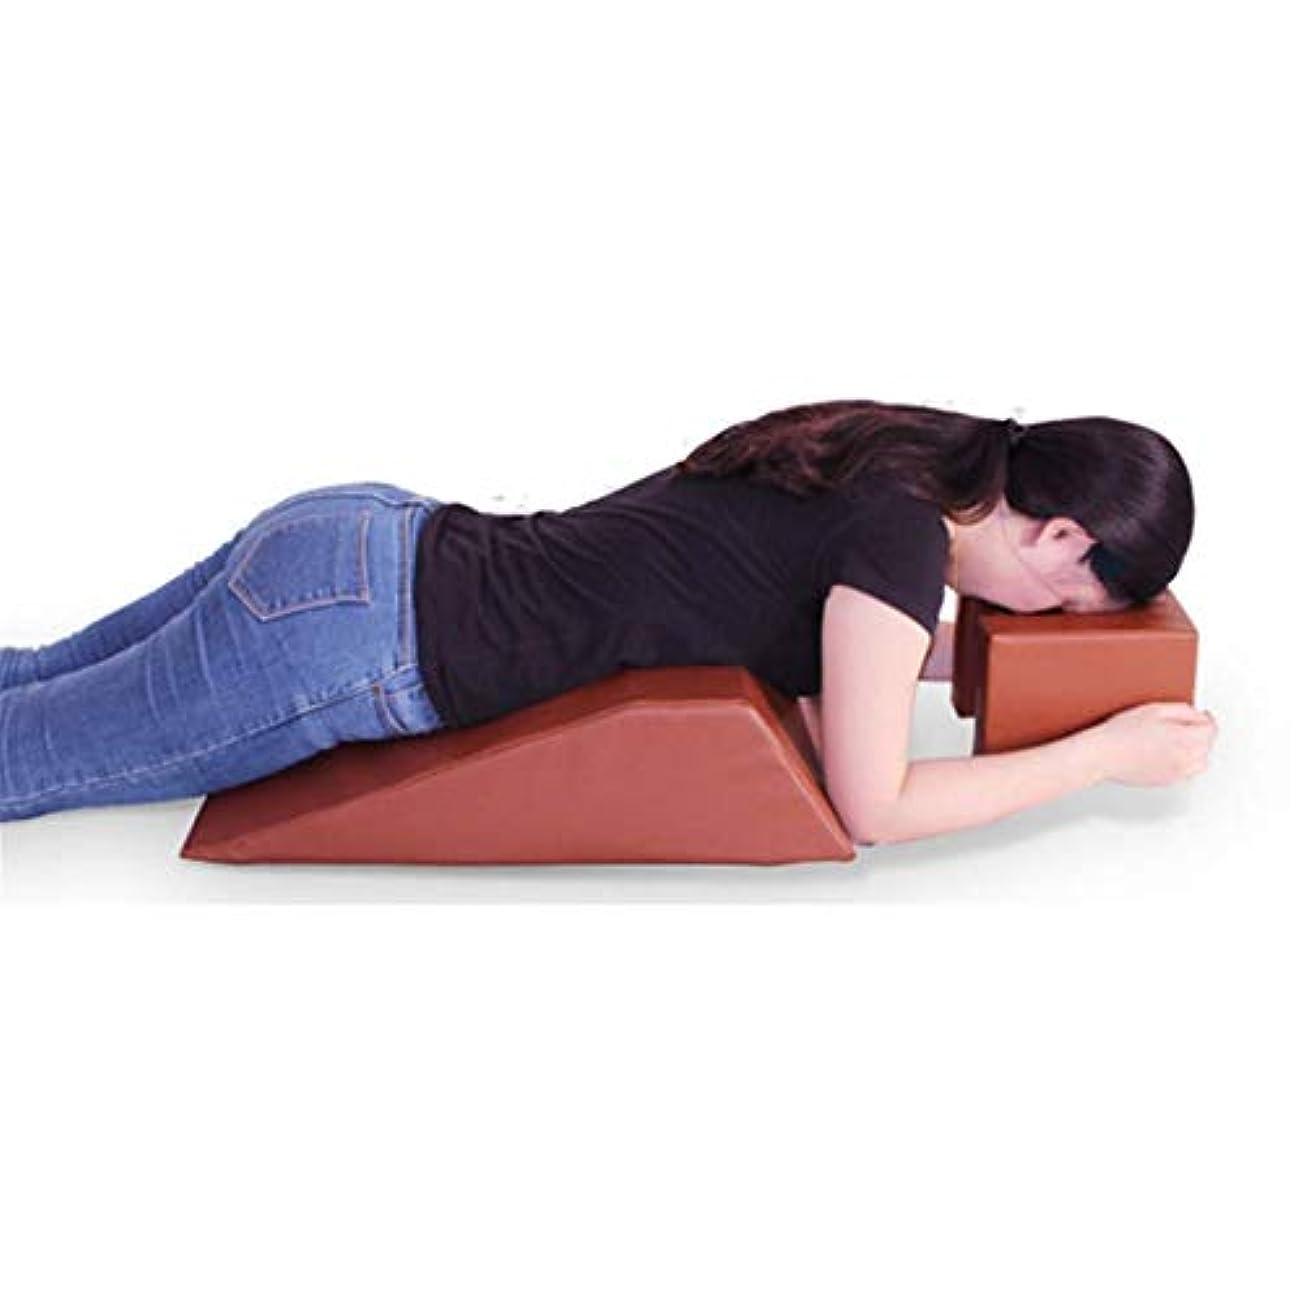 ふける配る疎外する腹臥位クッション、眠りやすい腹臥位、腰痛軽減、バックセラピー